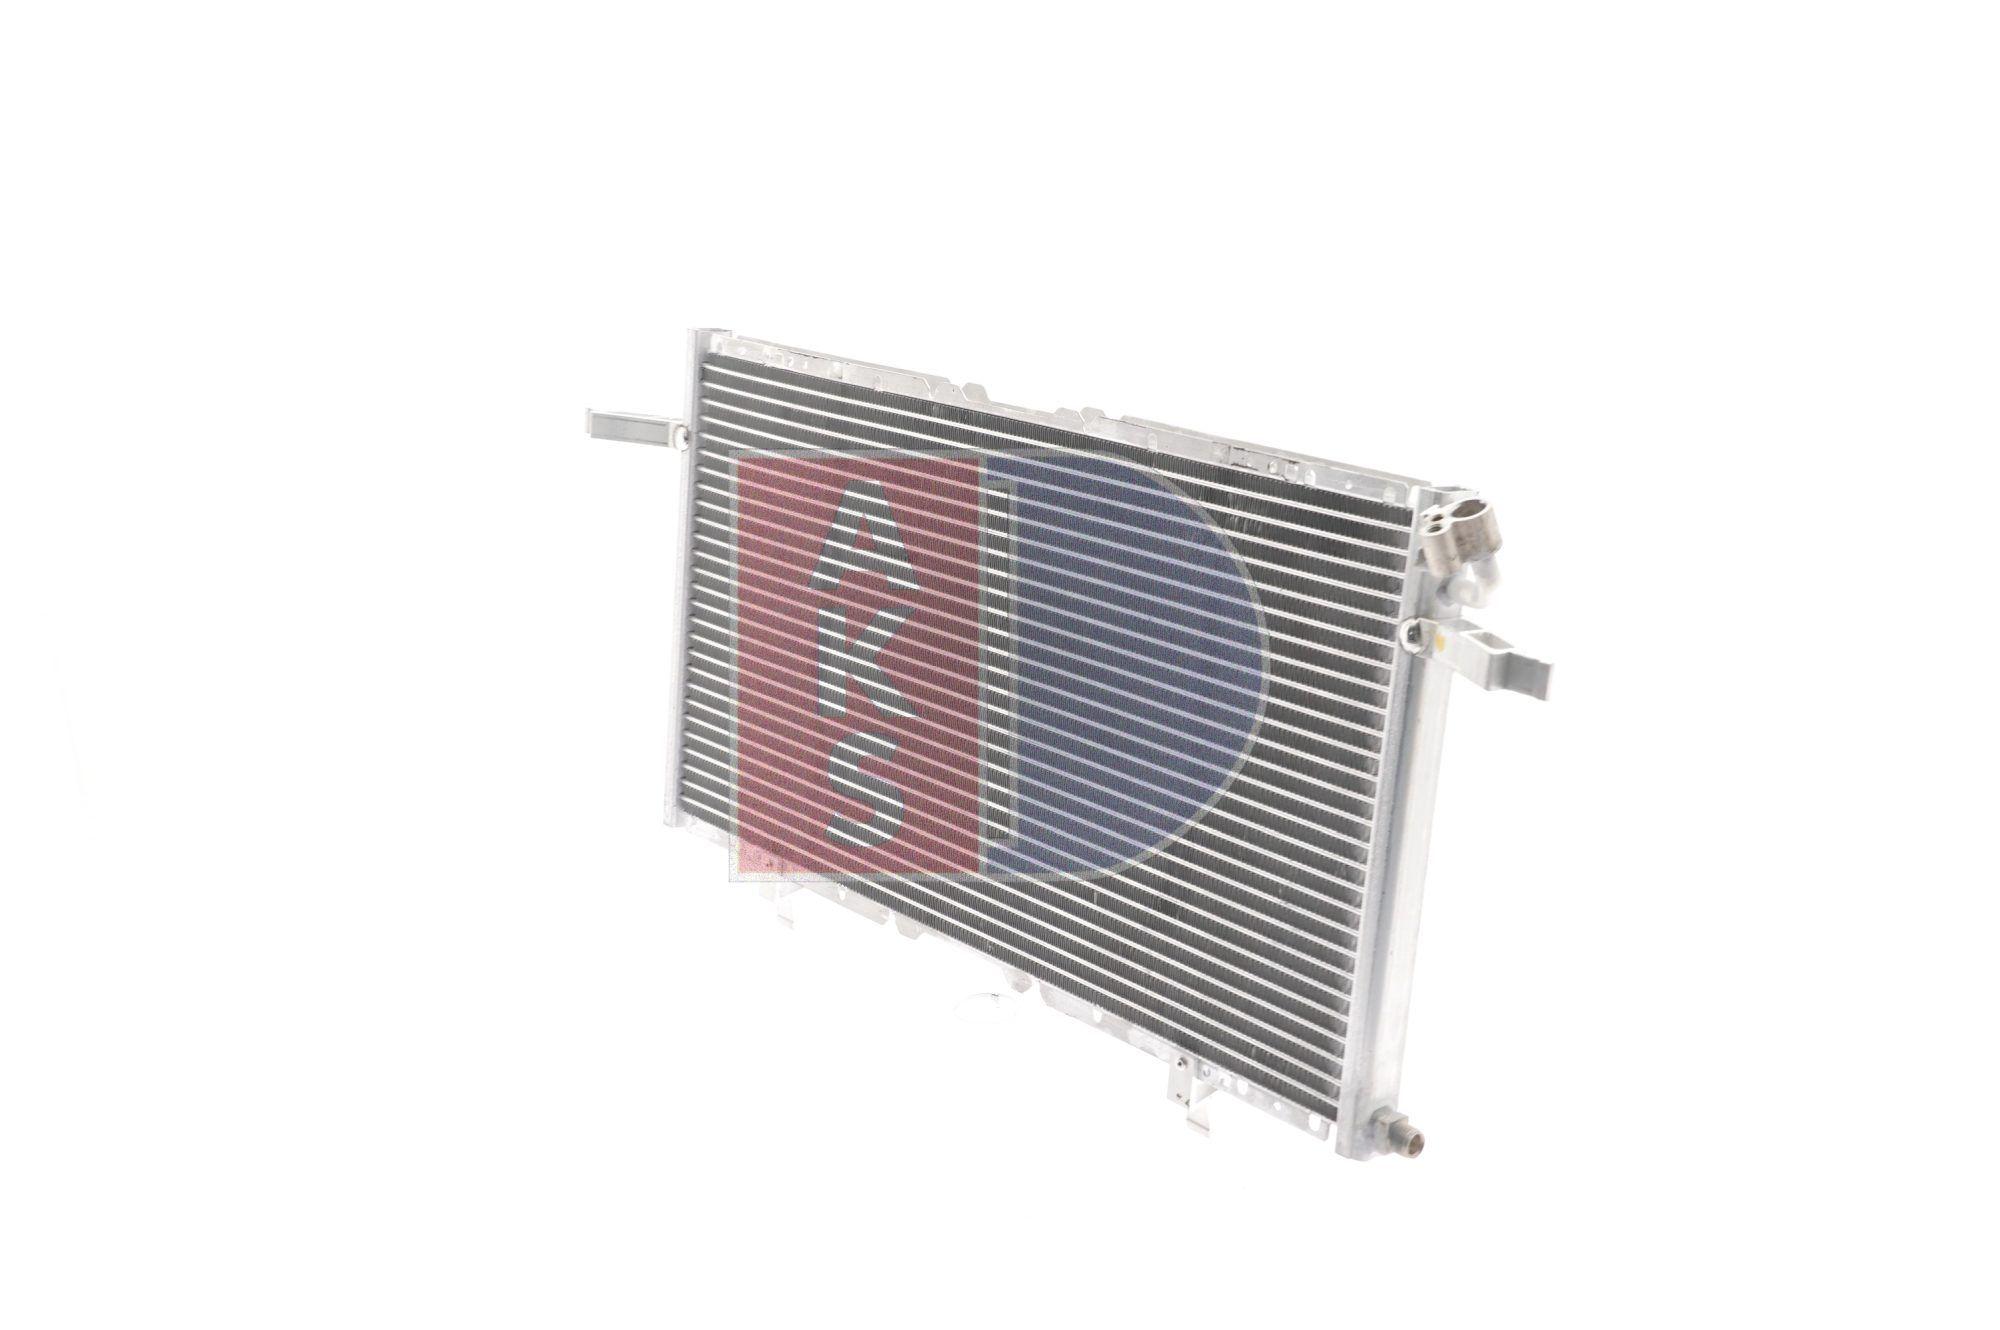 Kondensator Klimaanlage AKS DASIS 152004N 4044455325550